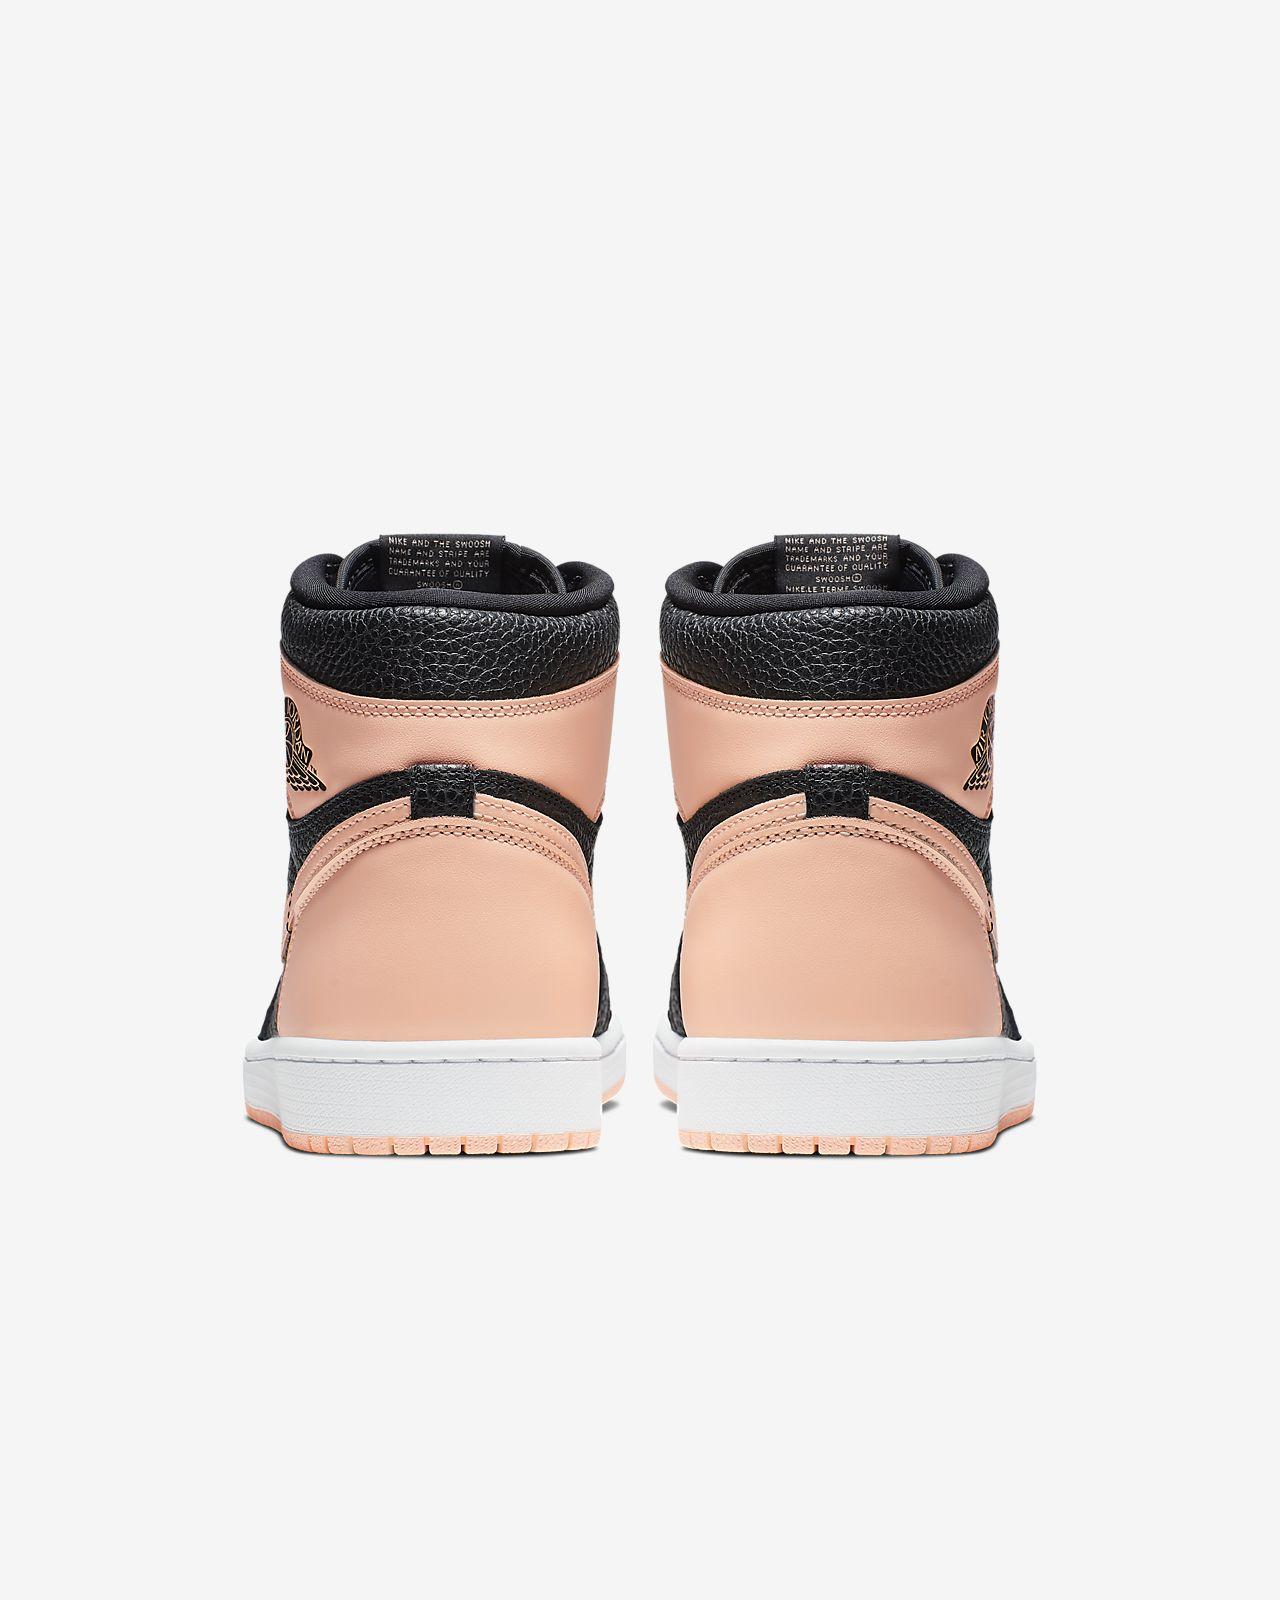 8d3d9e6bbd7 Air Jordan 1 Retro High OG Shoe. Nike.com MY